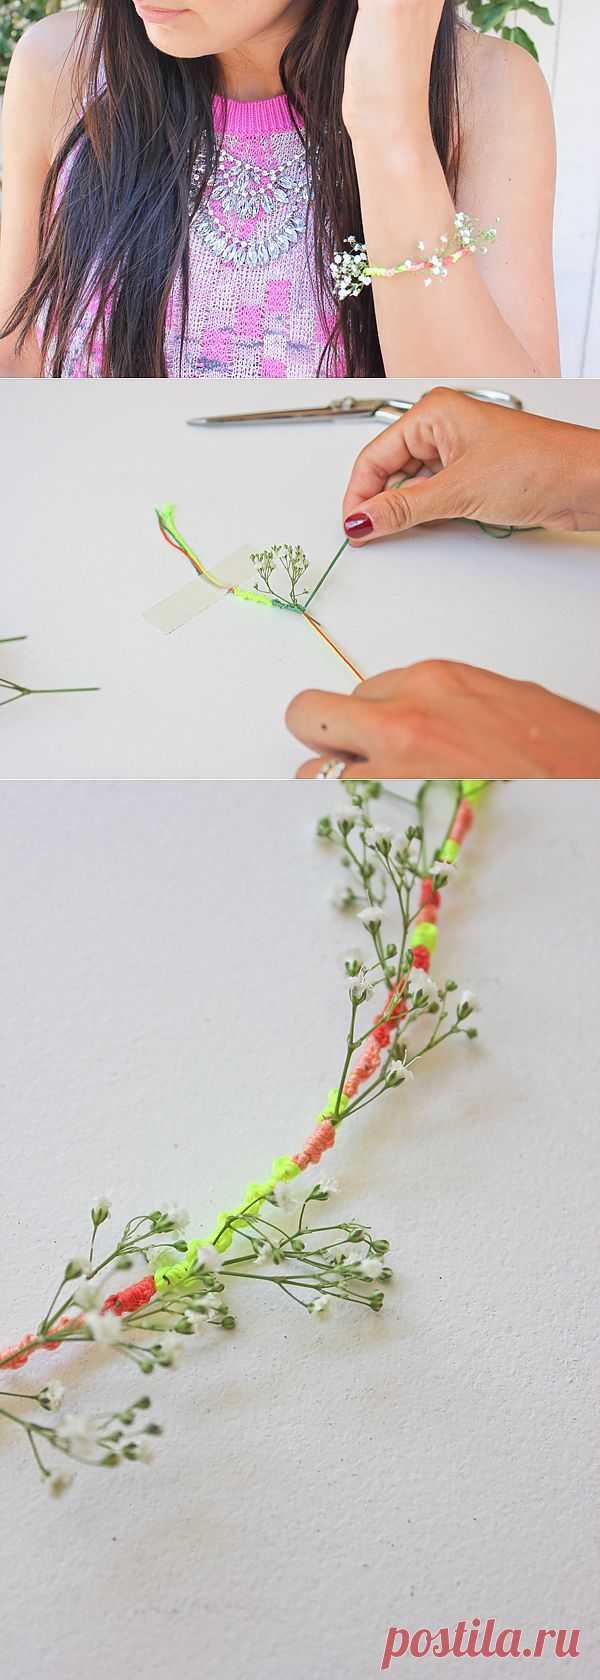 Веночек на руке (Diy) / Цветы / Модный сайт о стильной переделке одежды и интерьера